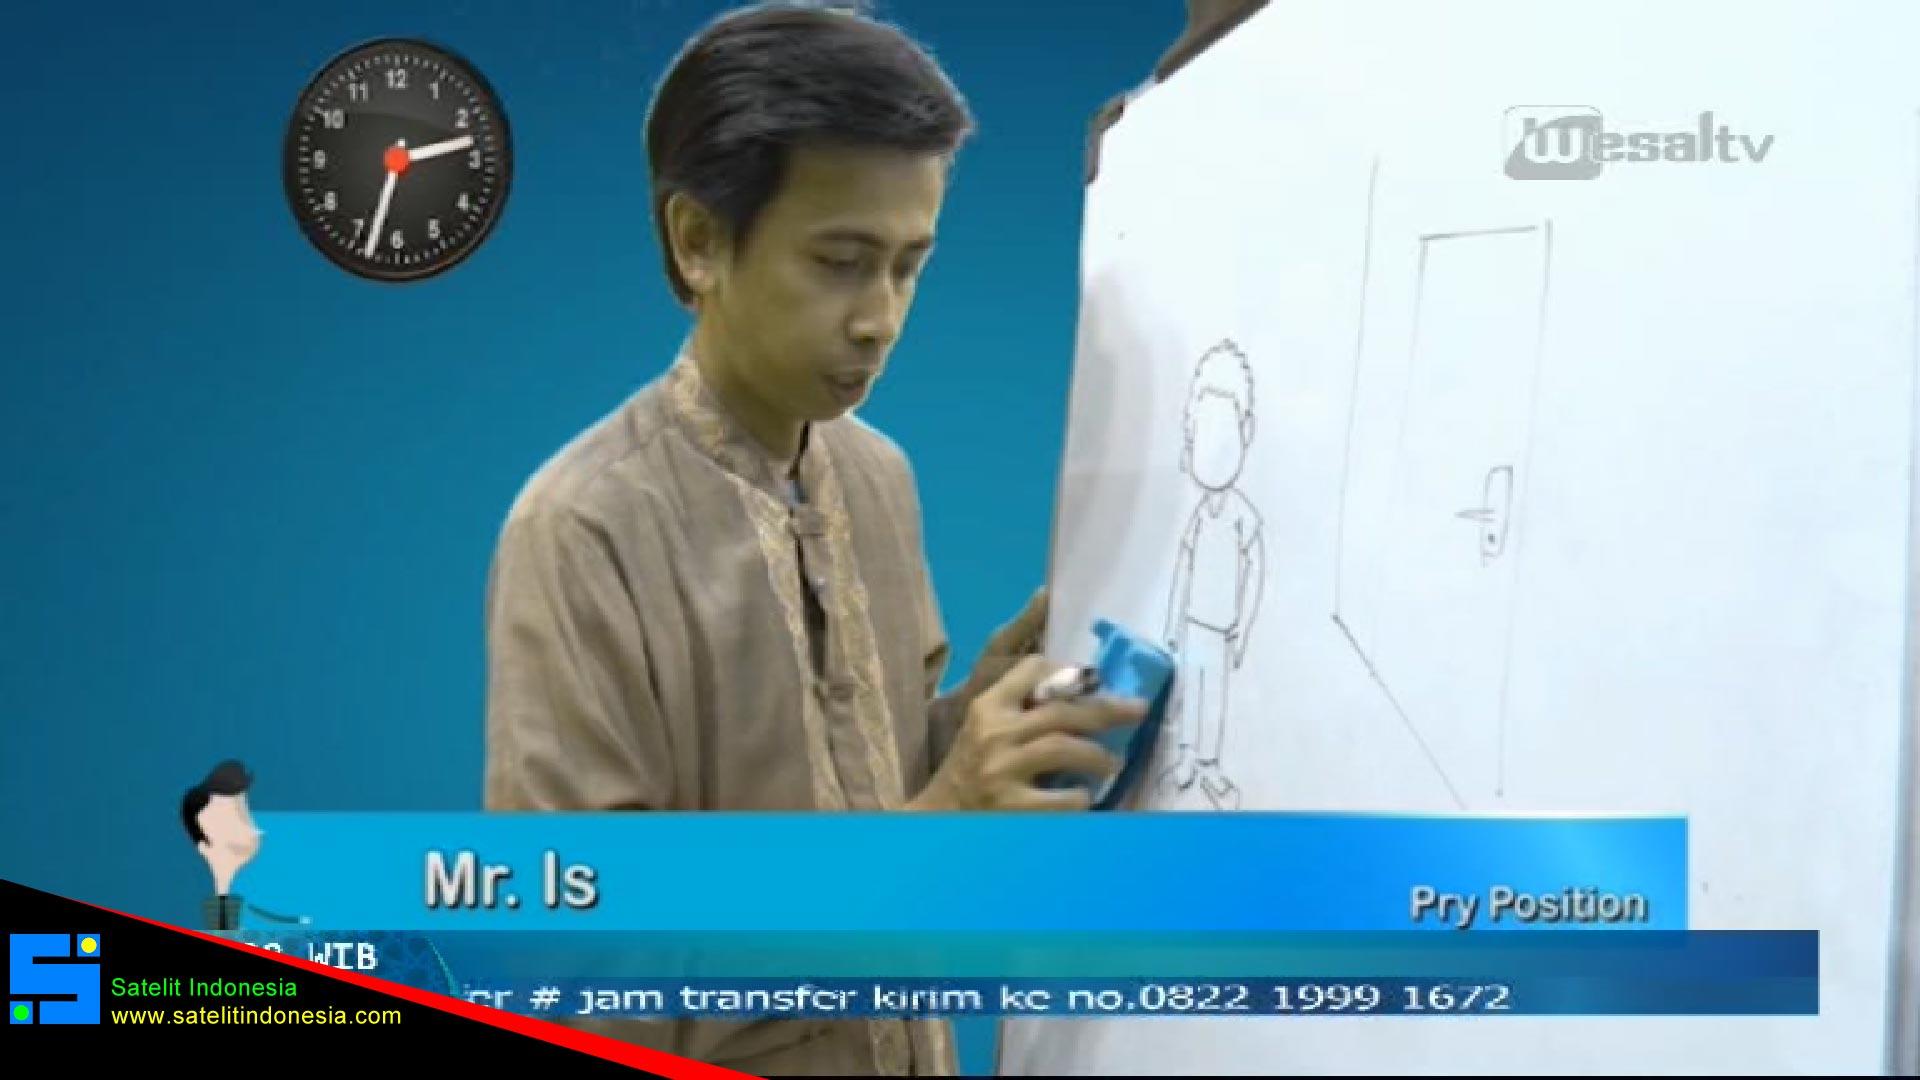 Frekuensi siaran Wesal TV Indonesia di satelit Telkom 4 Terbaru